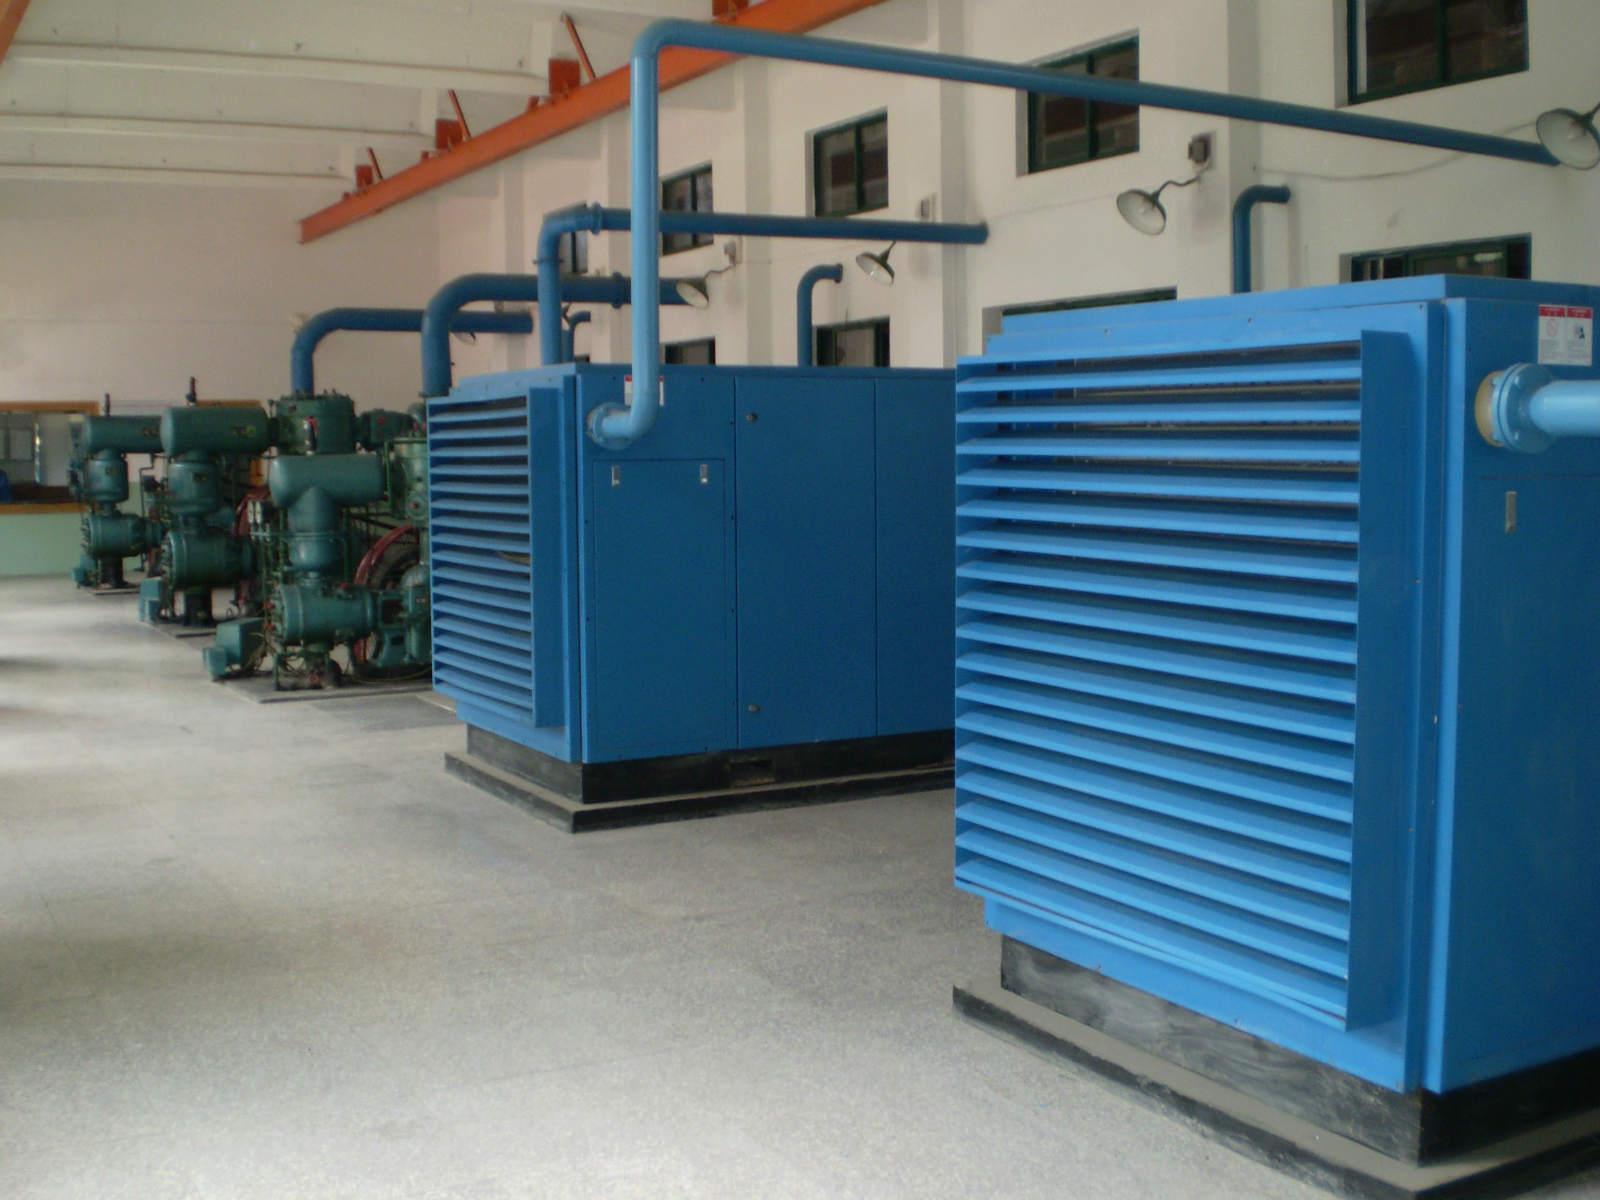 宁波质量好的变频空压机出售|上海变频空压机品牌